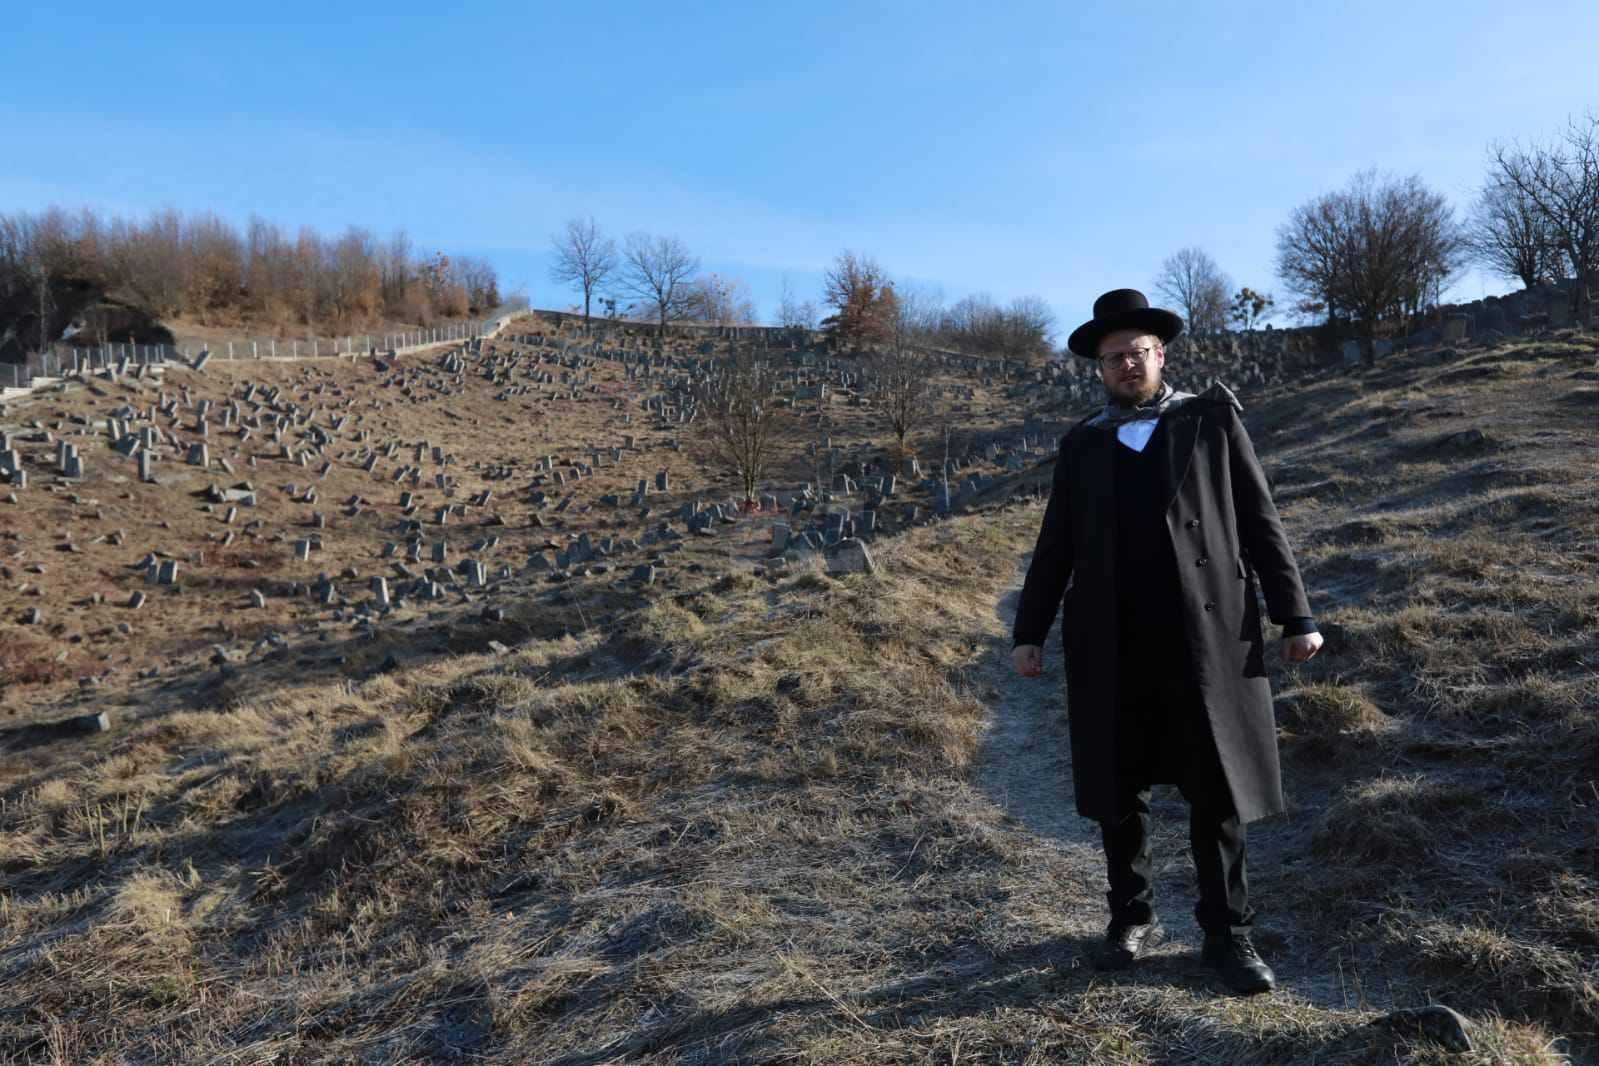 מסע שפירא יום ג' צילום יעקב נחומי (16)